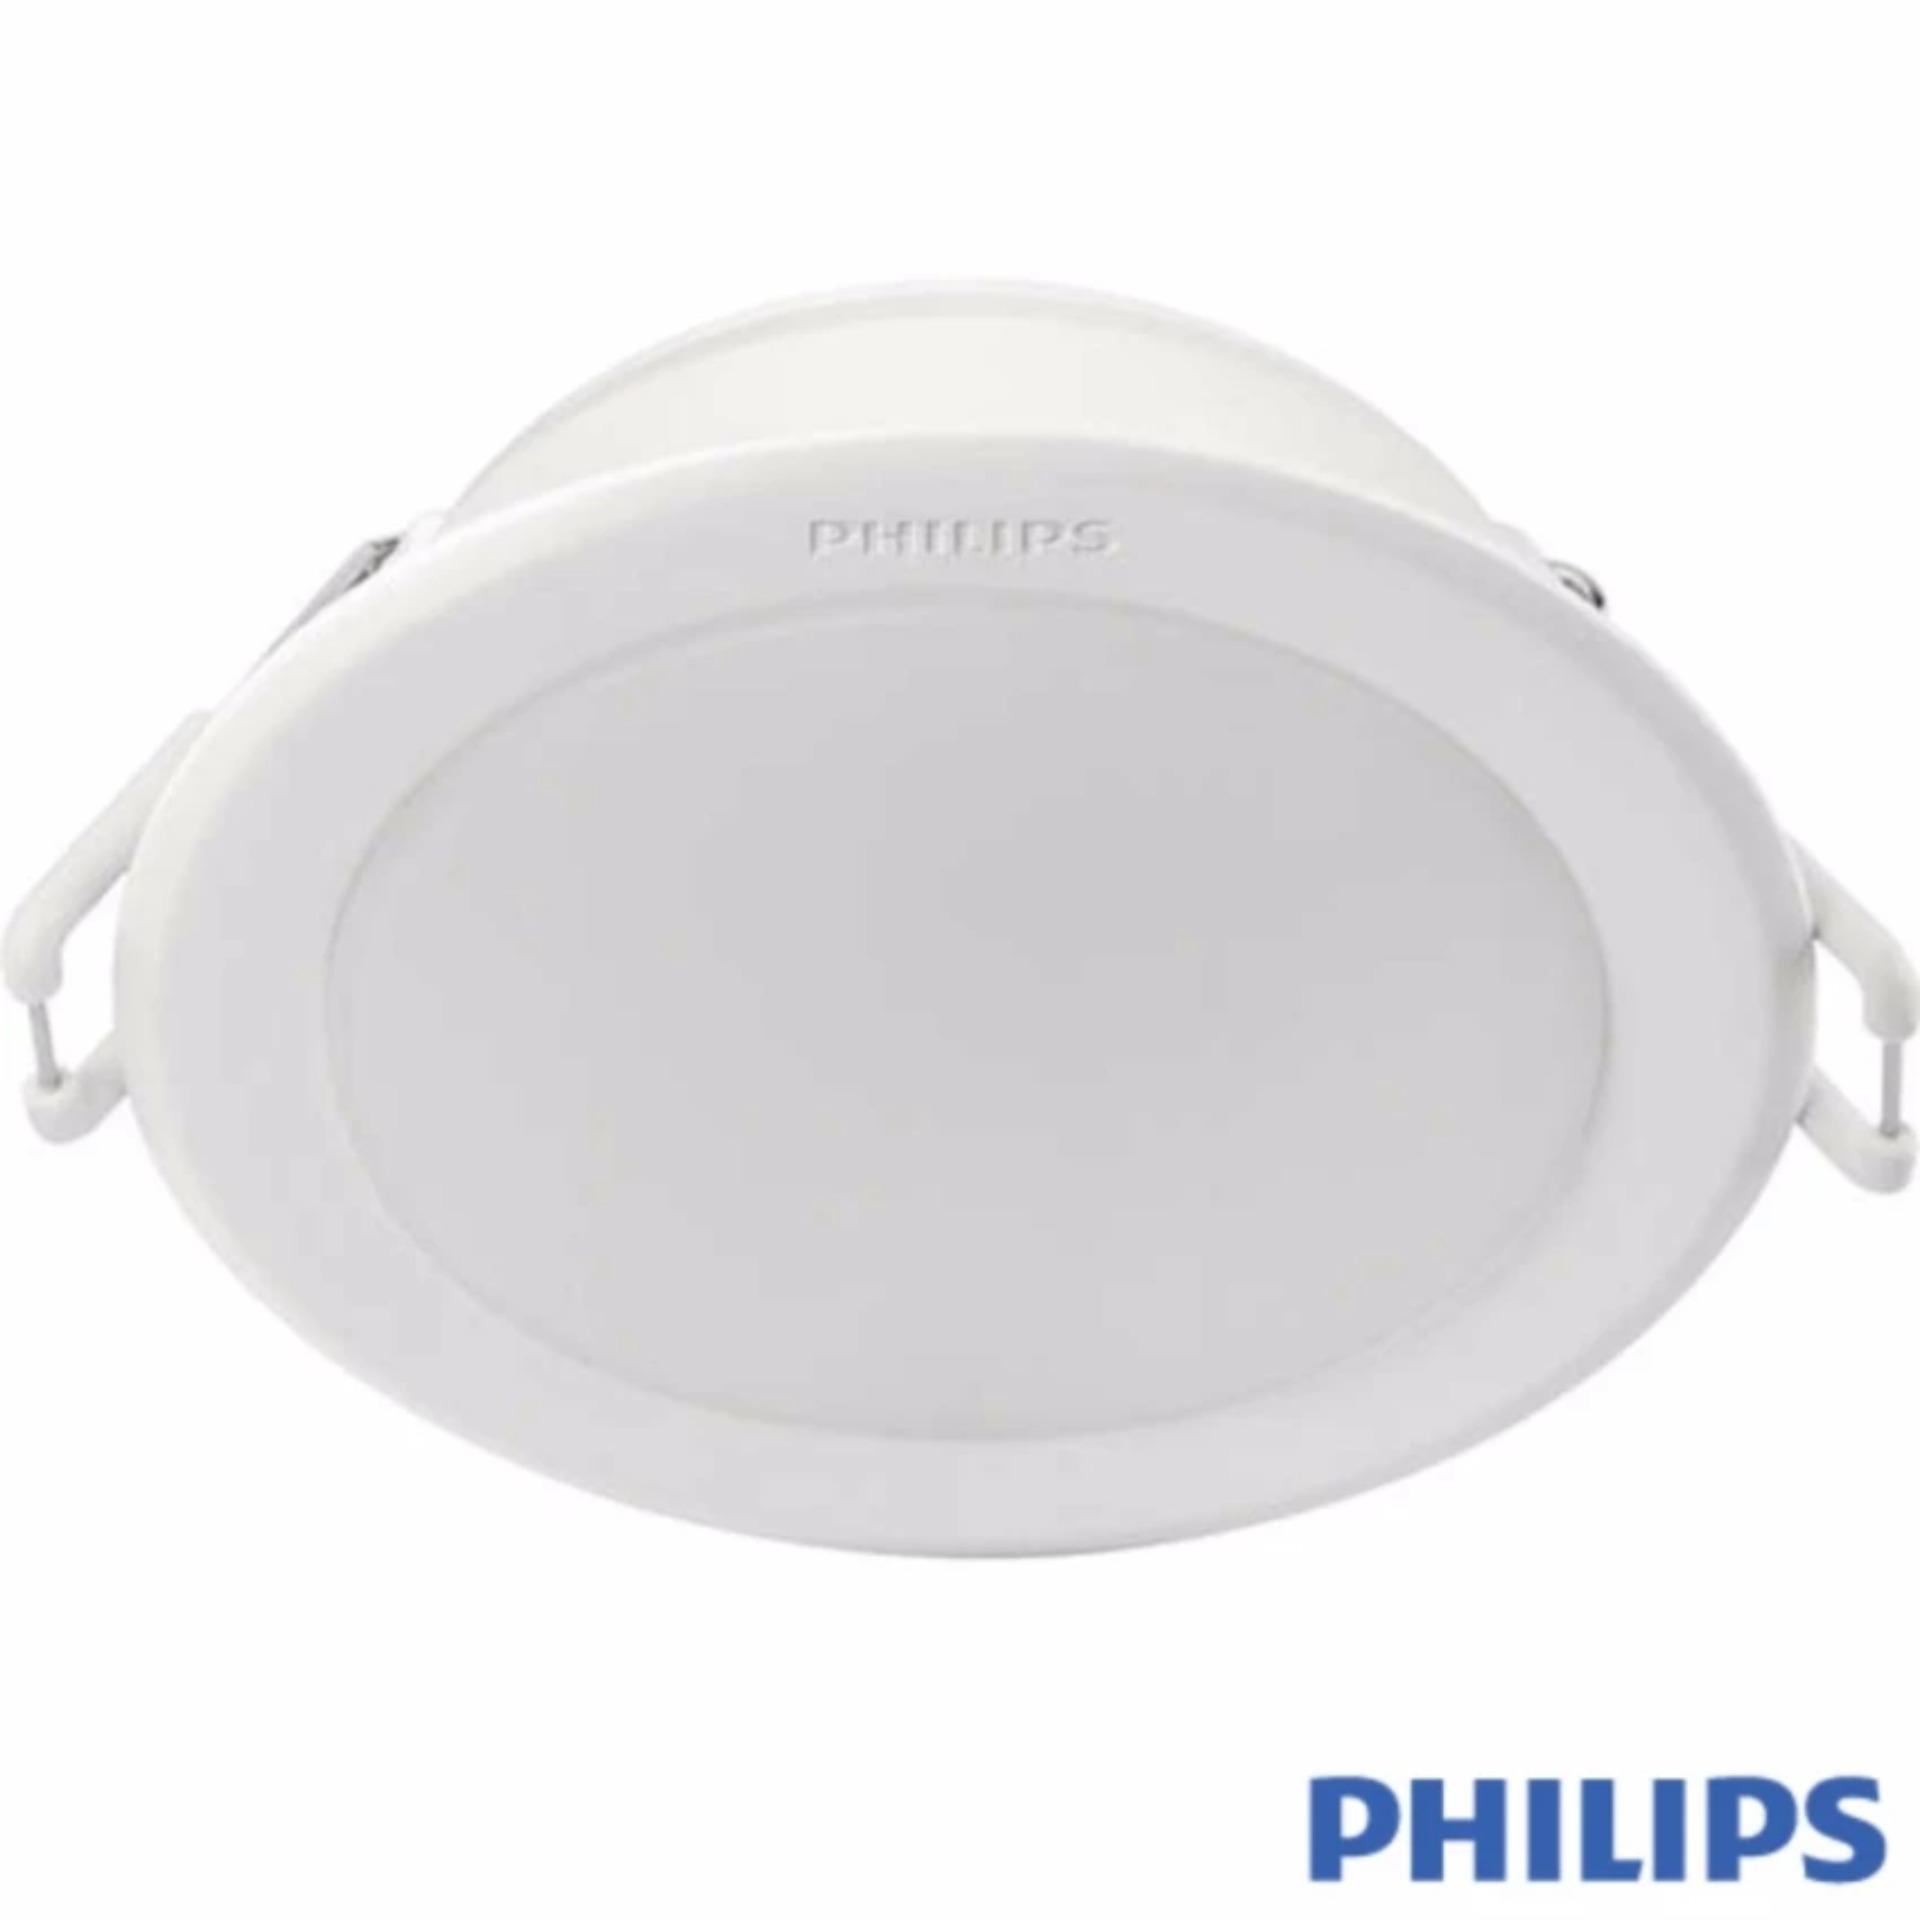 Trang bán Bộ 6 đèn Philips LED Downlight âm trần 59203 10W (Vàng)